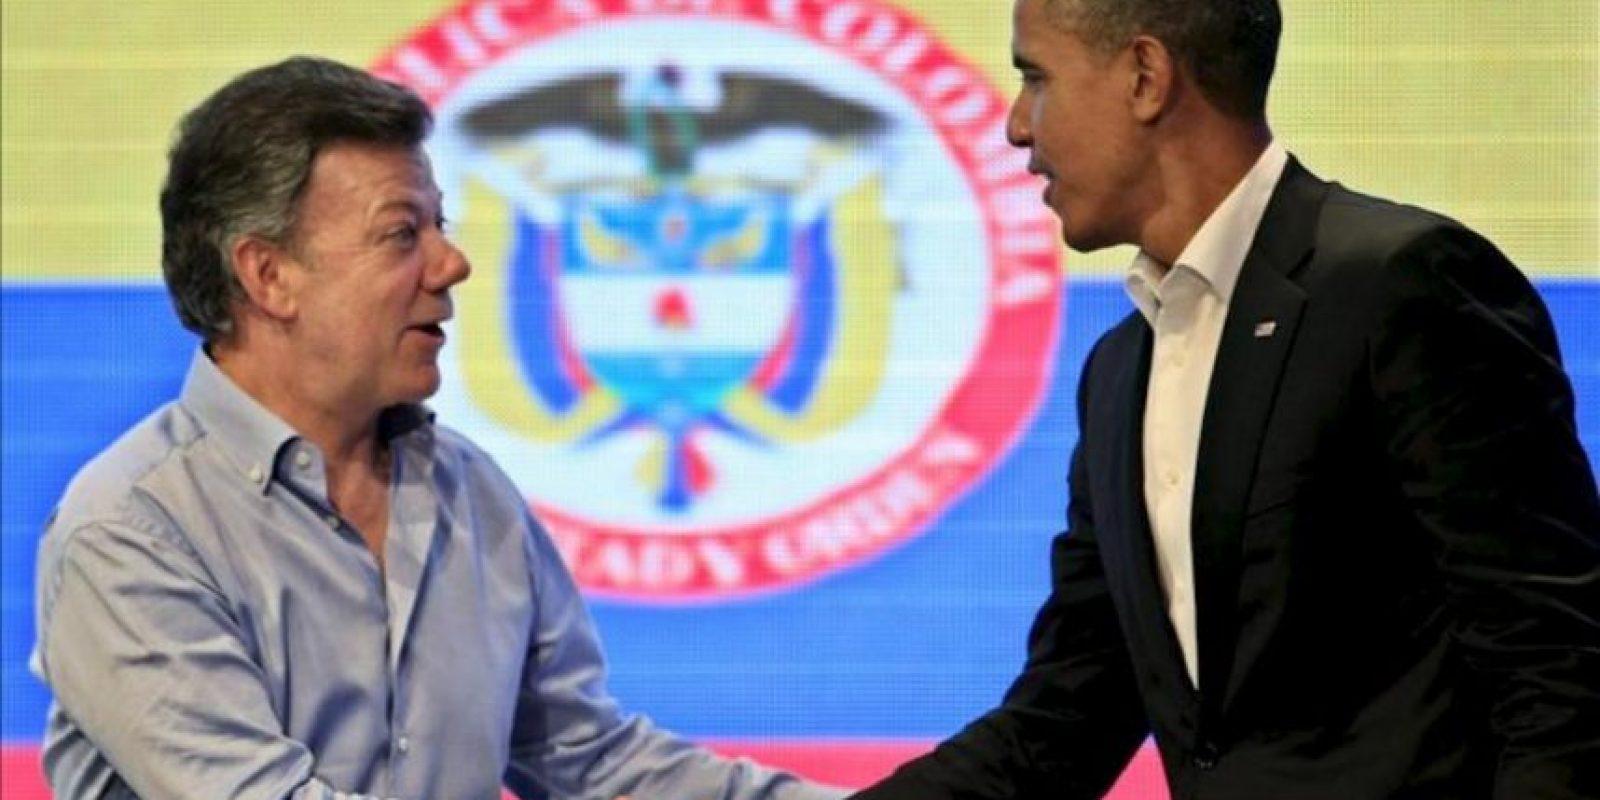 El presidente de Estados Unidos, Barack Obama (d), estrecha la mano de su homólogo colombiano, Juan Manuel Santos, este 14 de abril, tras una sesión de la I Cumbre Empresarial de las Américas, que se realiza en Cartagena (Colombia). EFE